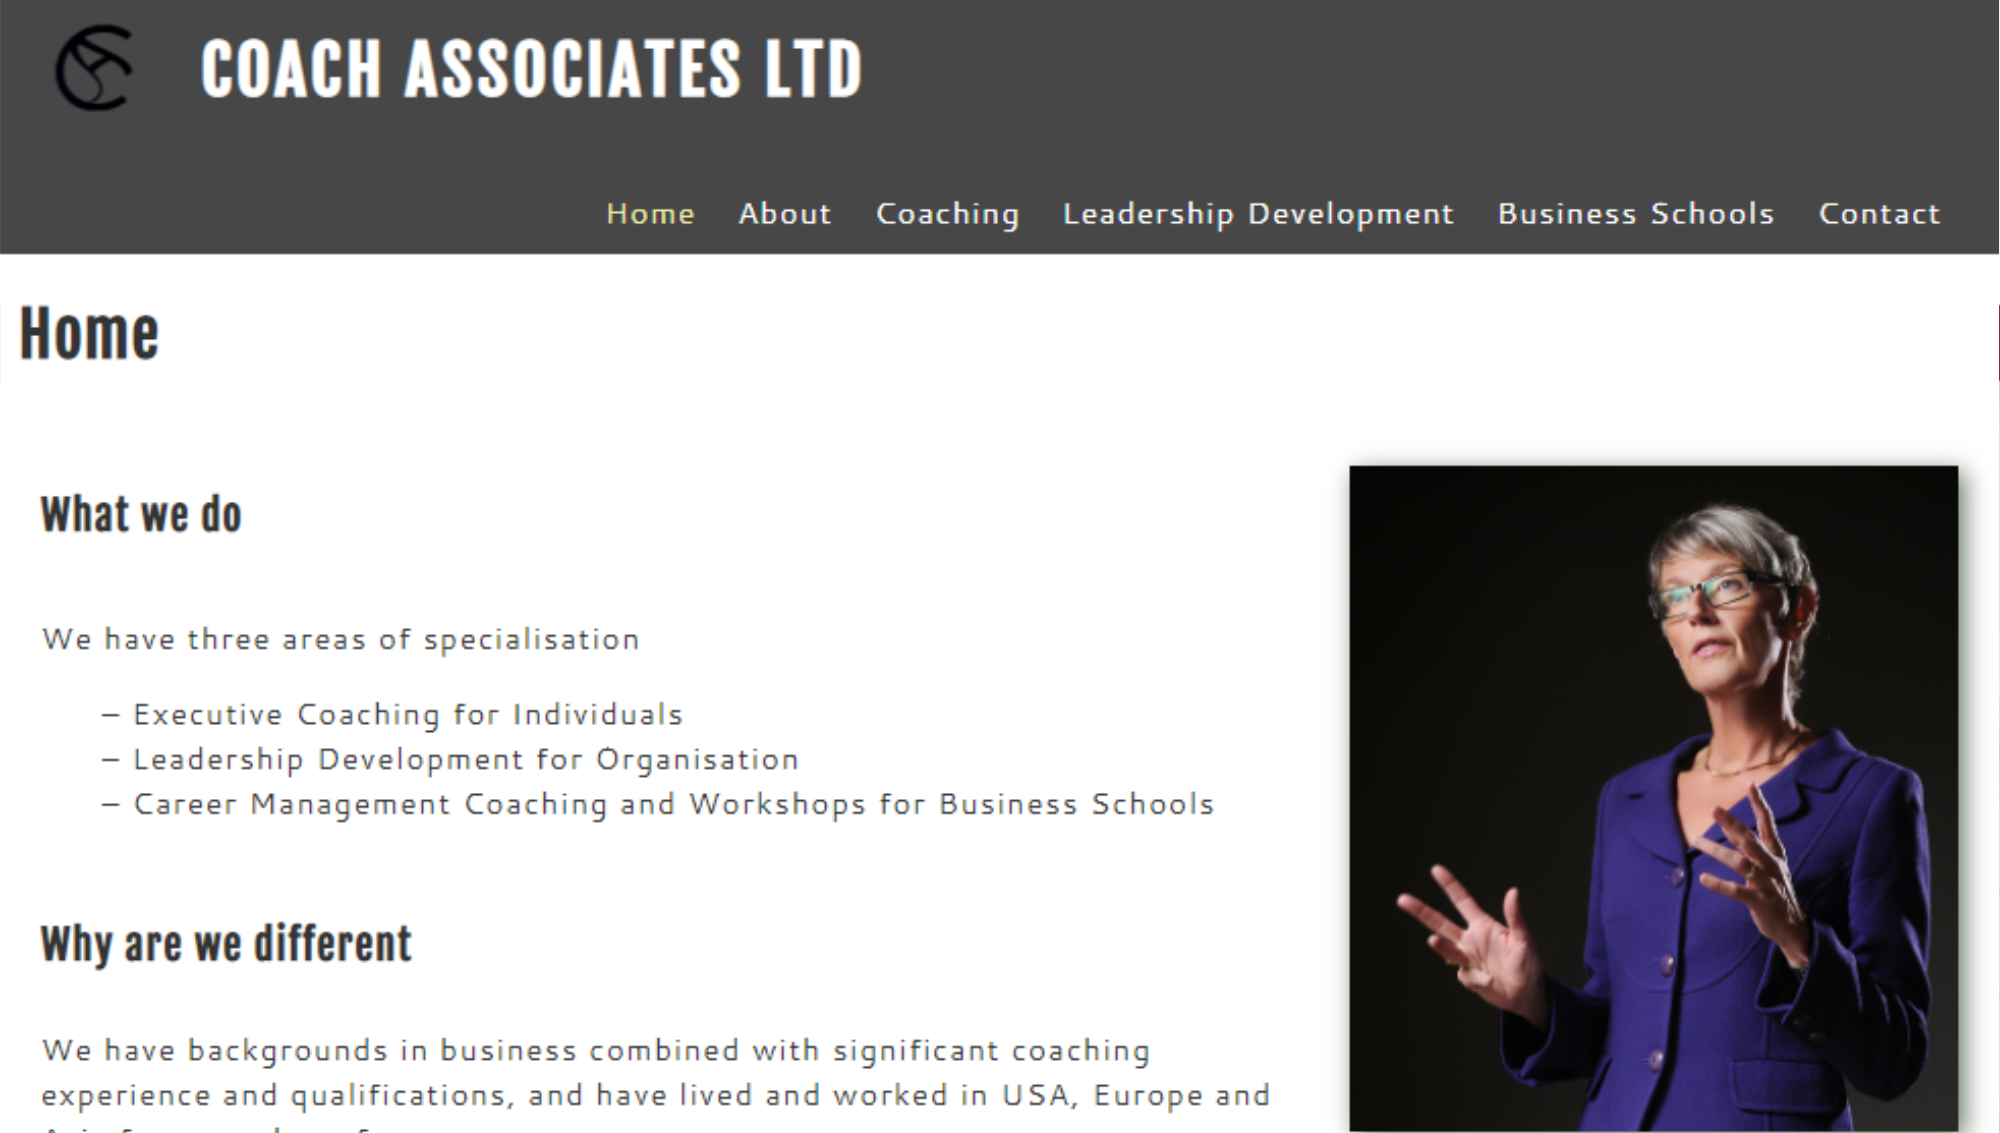 coachassociatesltd.co.uk